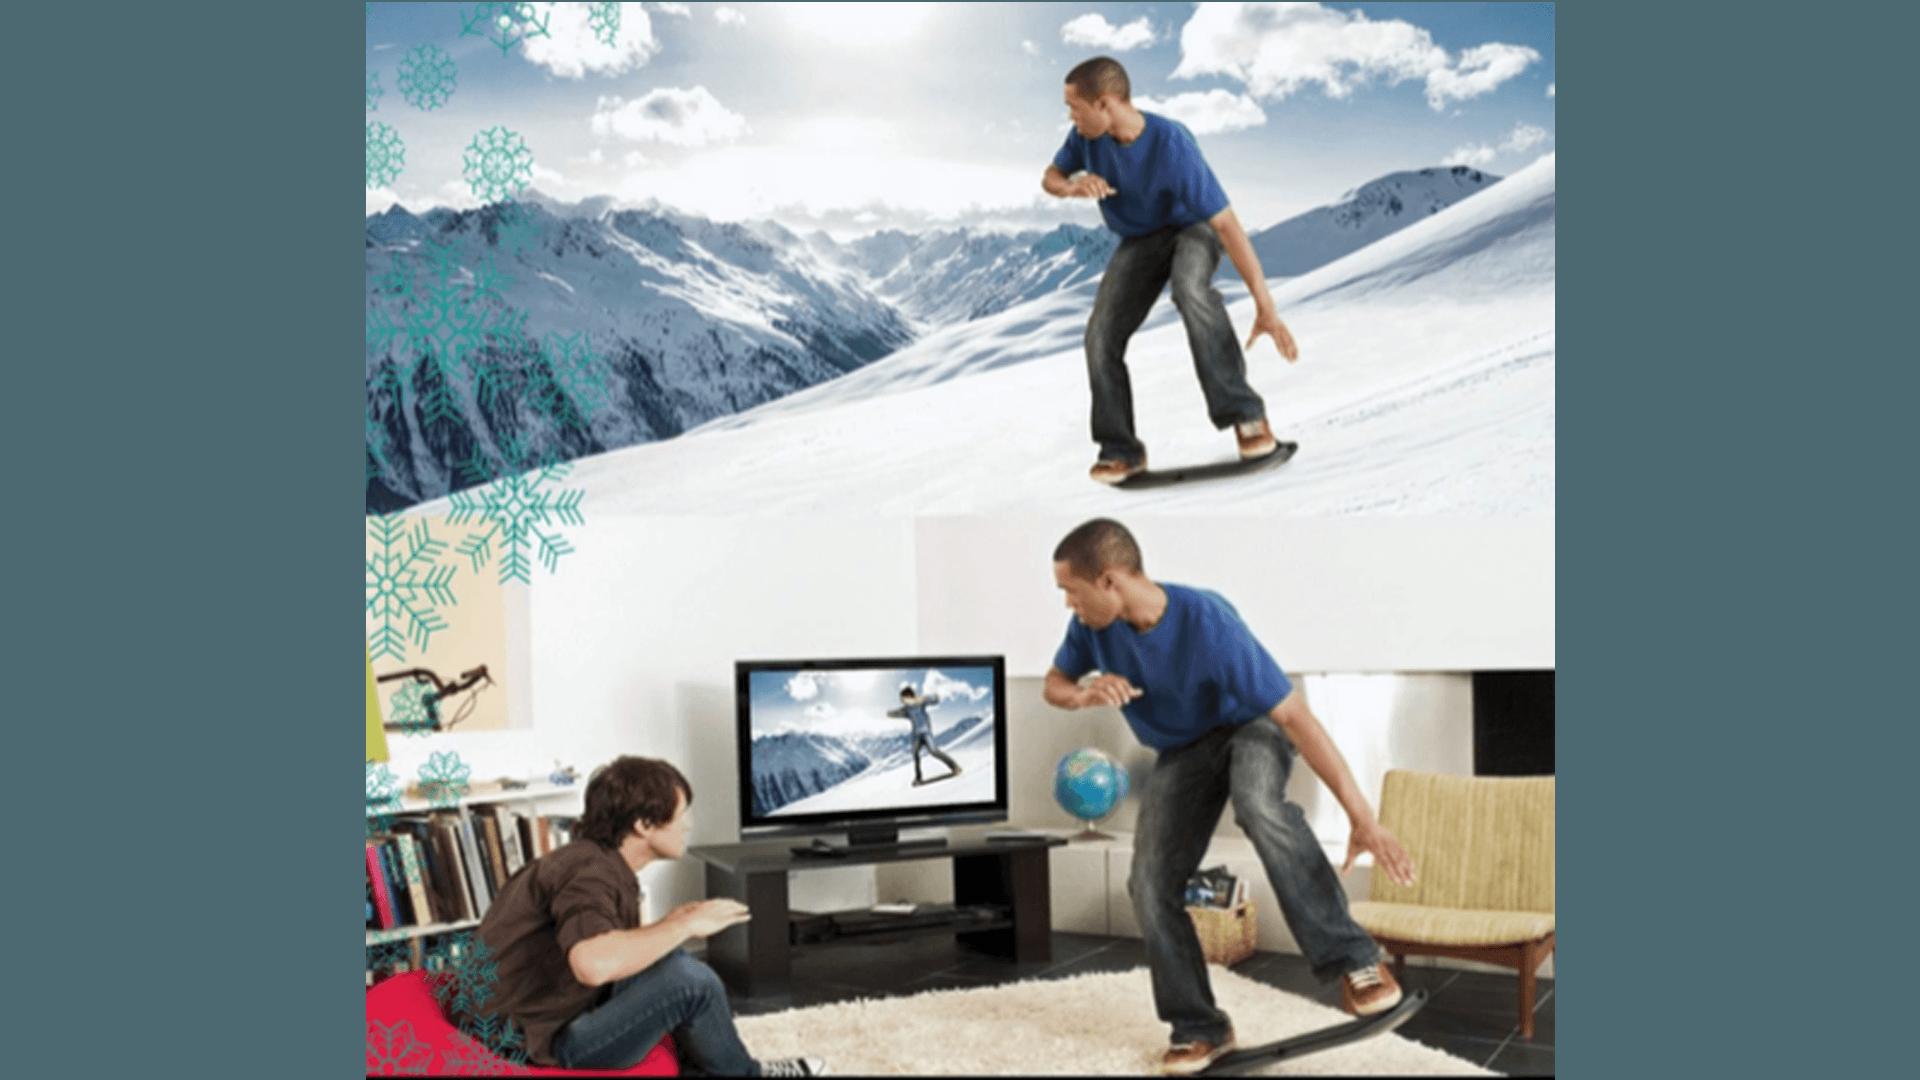 Konsole z grami ruchowymi dla dzieci